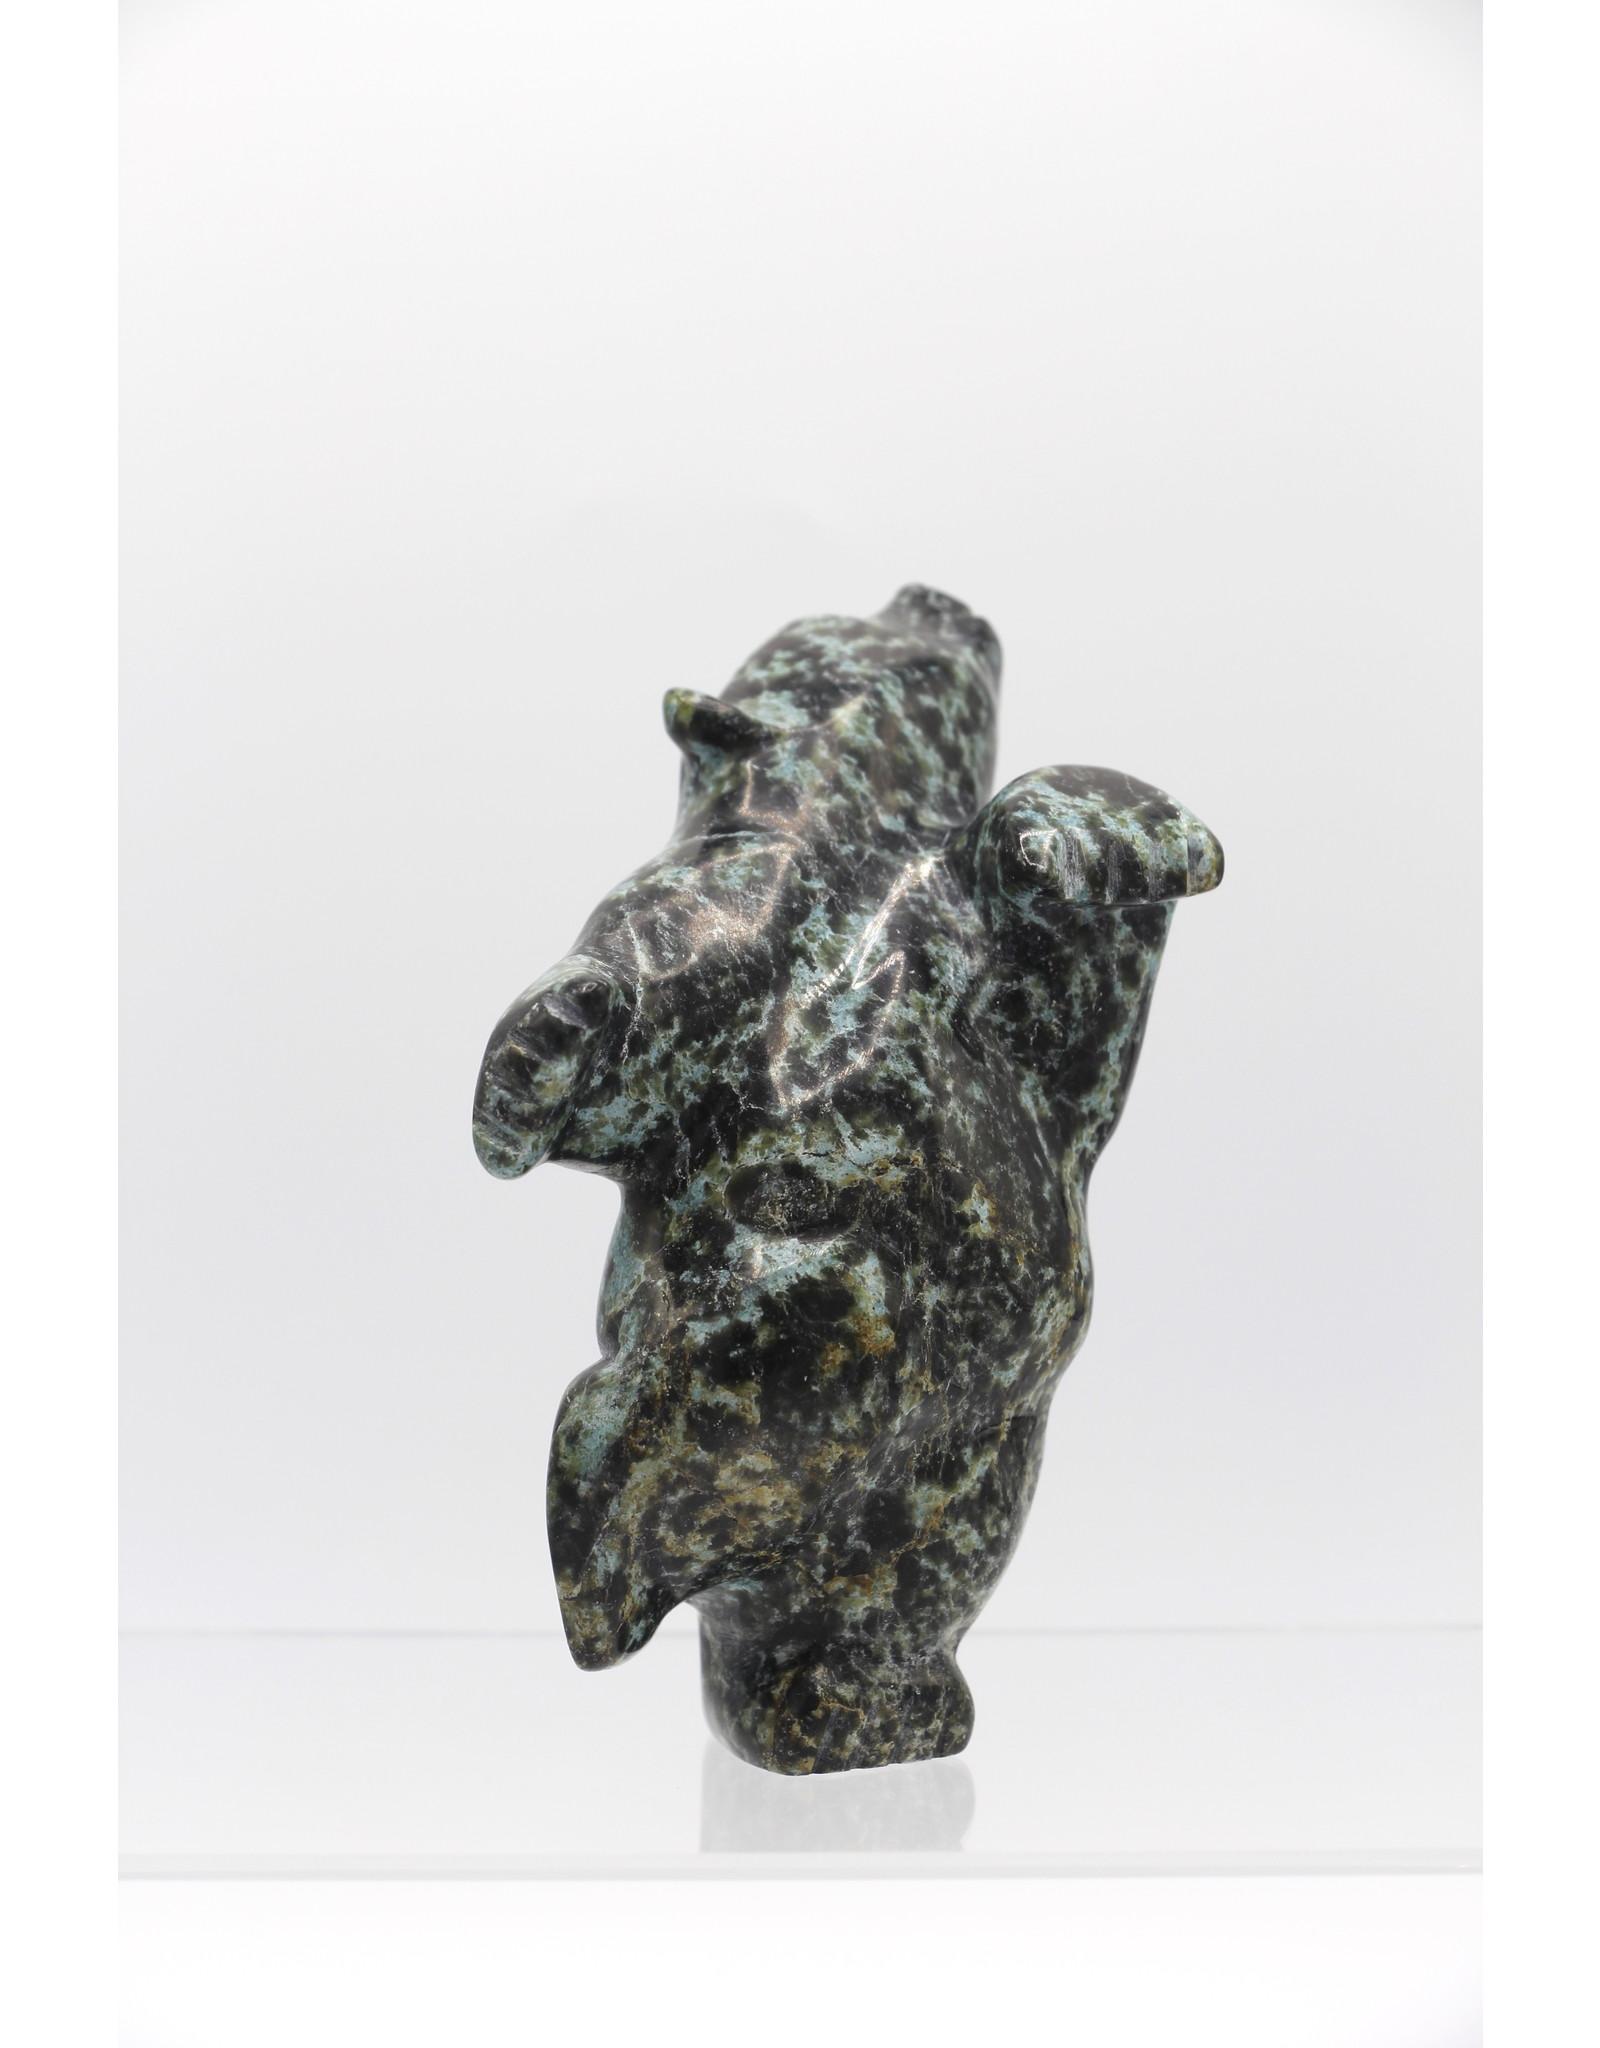 18587 Dancing Bear by Johnny papigatuk